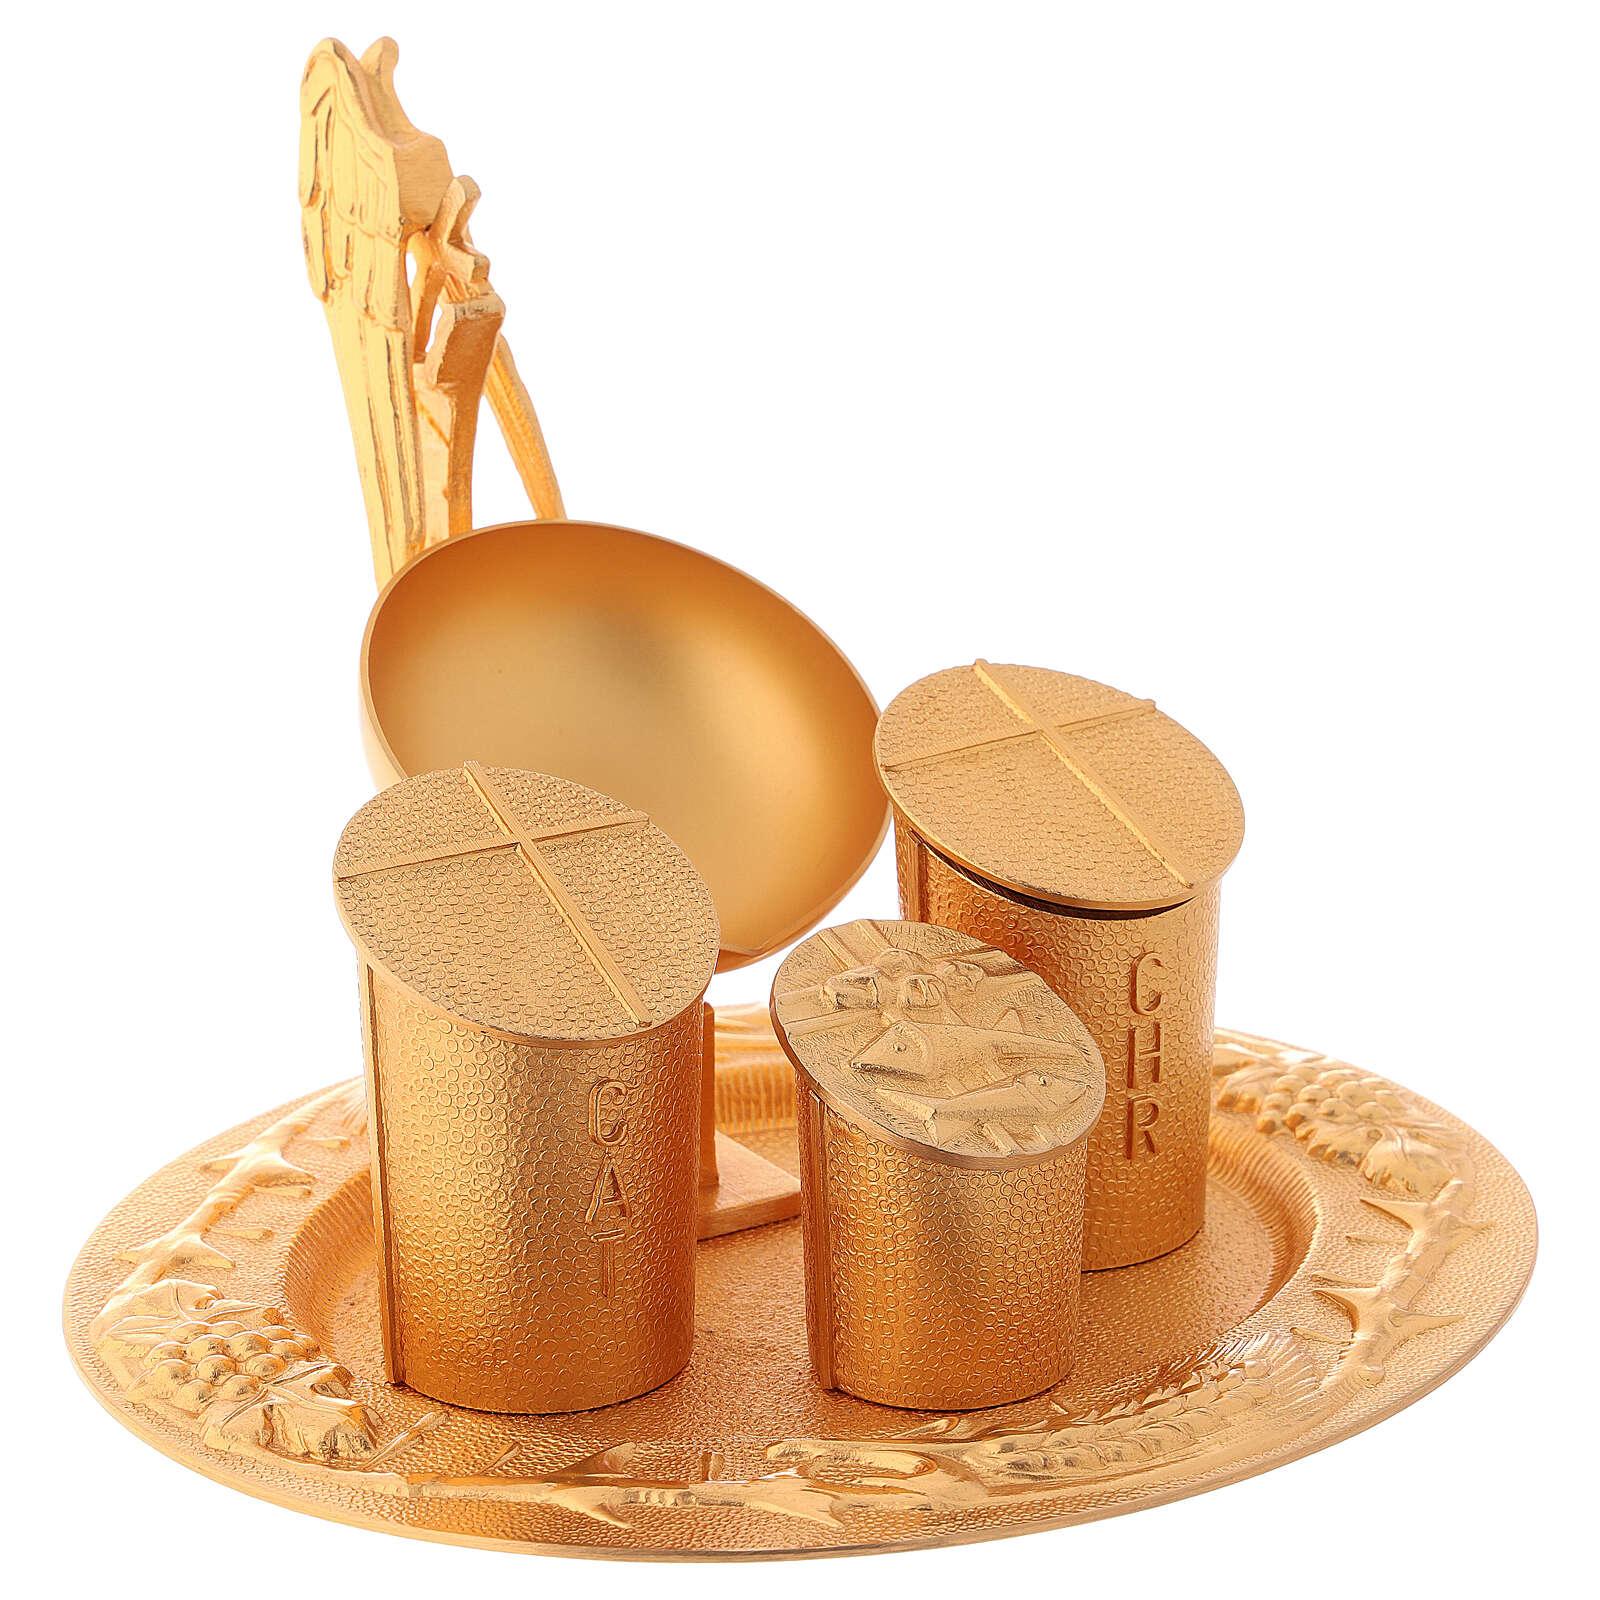 Servicio bautismal dorado latón fundido 3